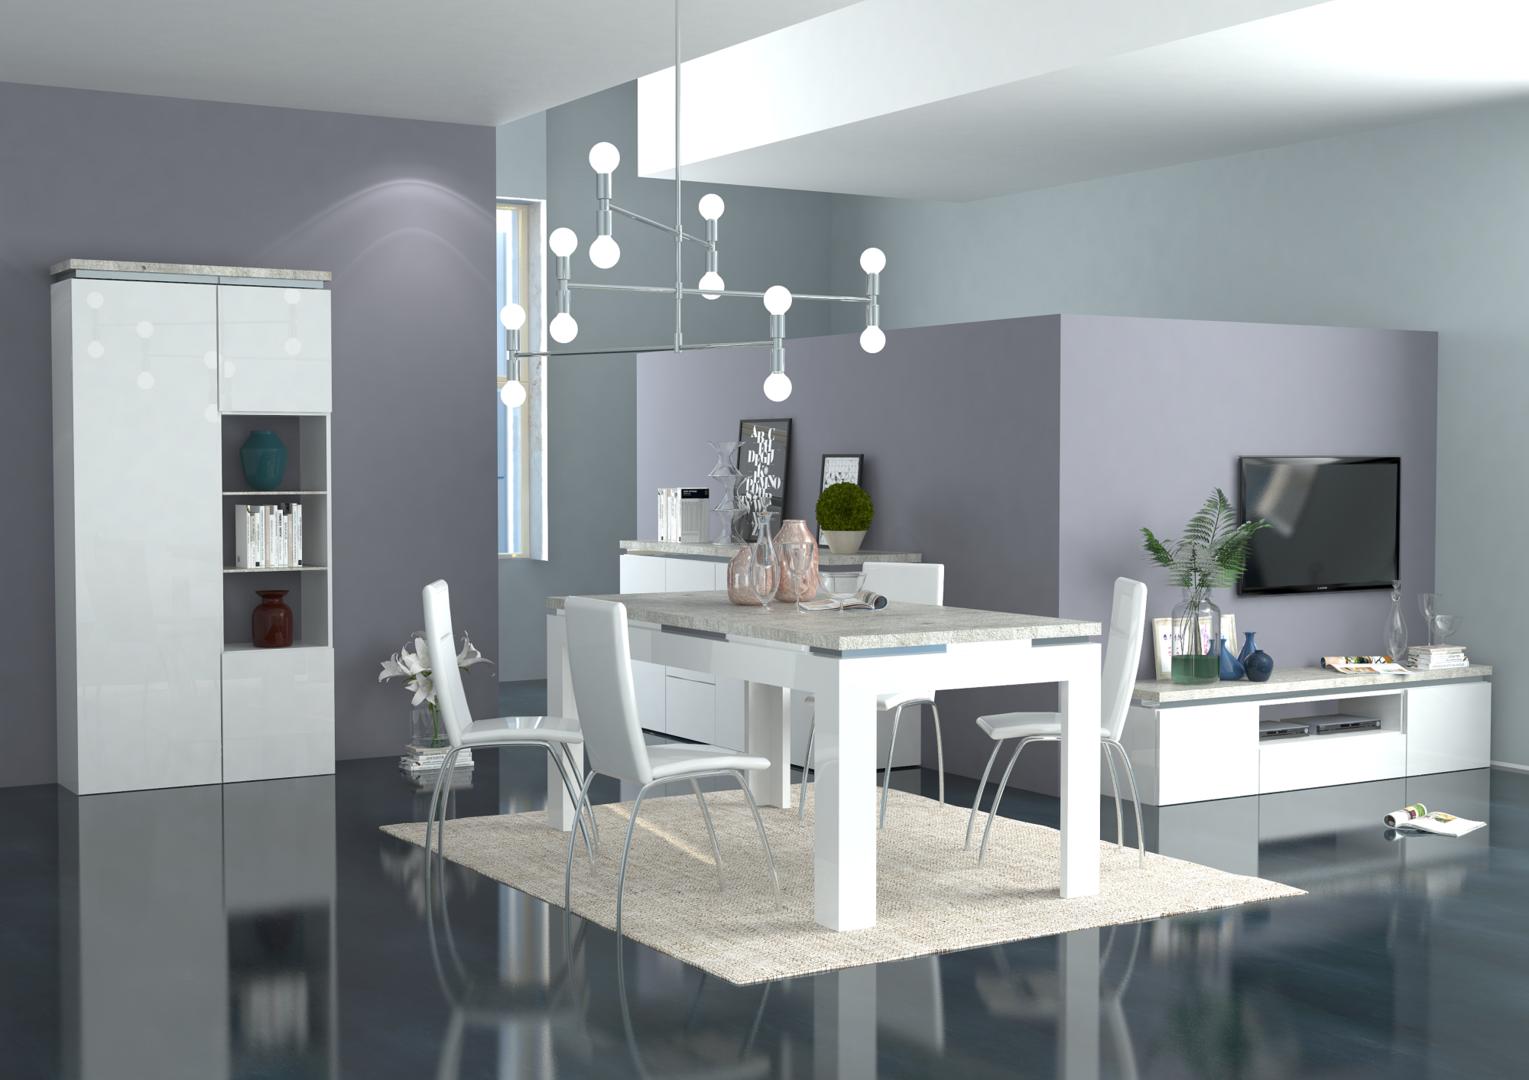 Tavolo moderno bianco messico mobile per sala da pranzo Mobili per la sala